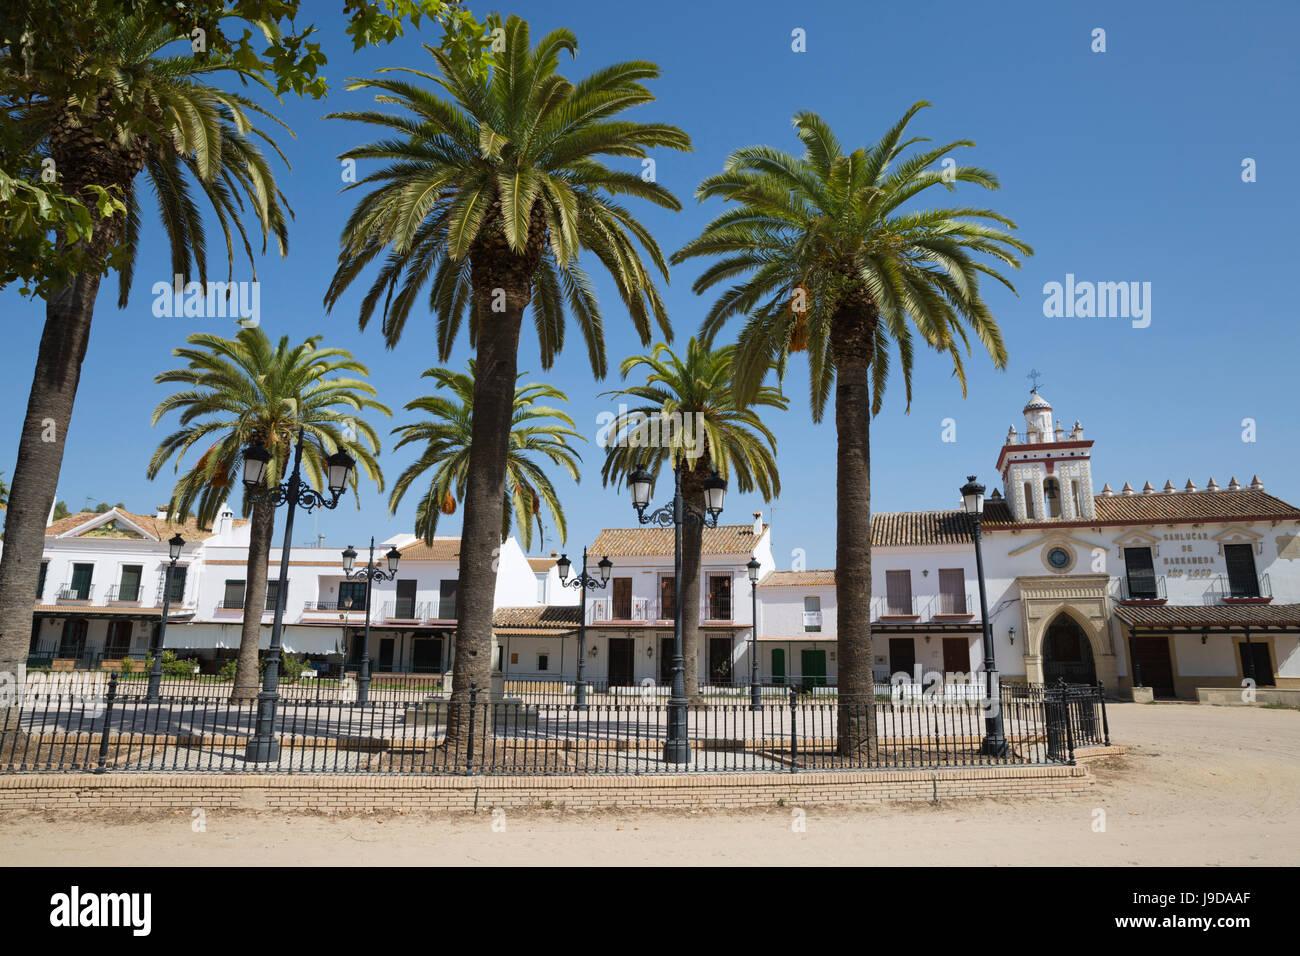 Les rues de sable et de fraternité maisons, El Rocio, Province de Huelva, Andalousie, Espagne, Europe Banque D'Images